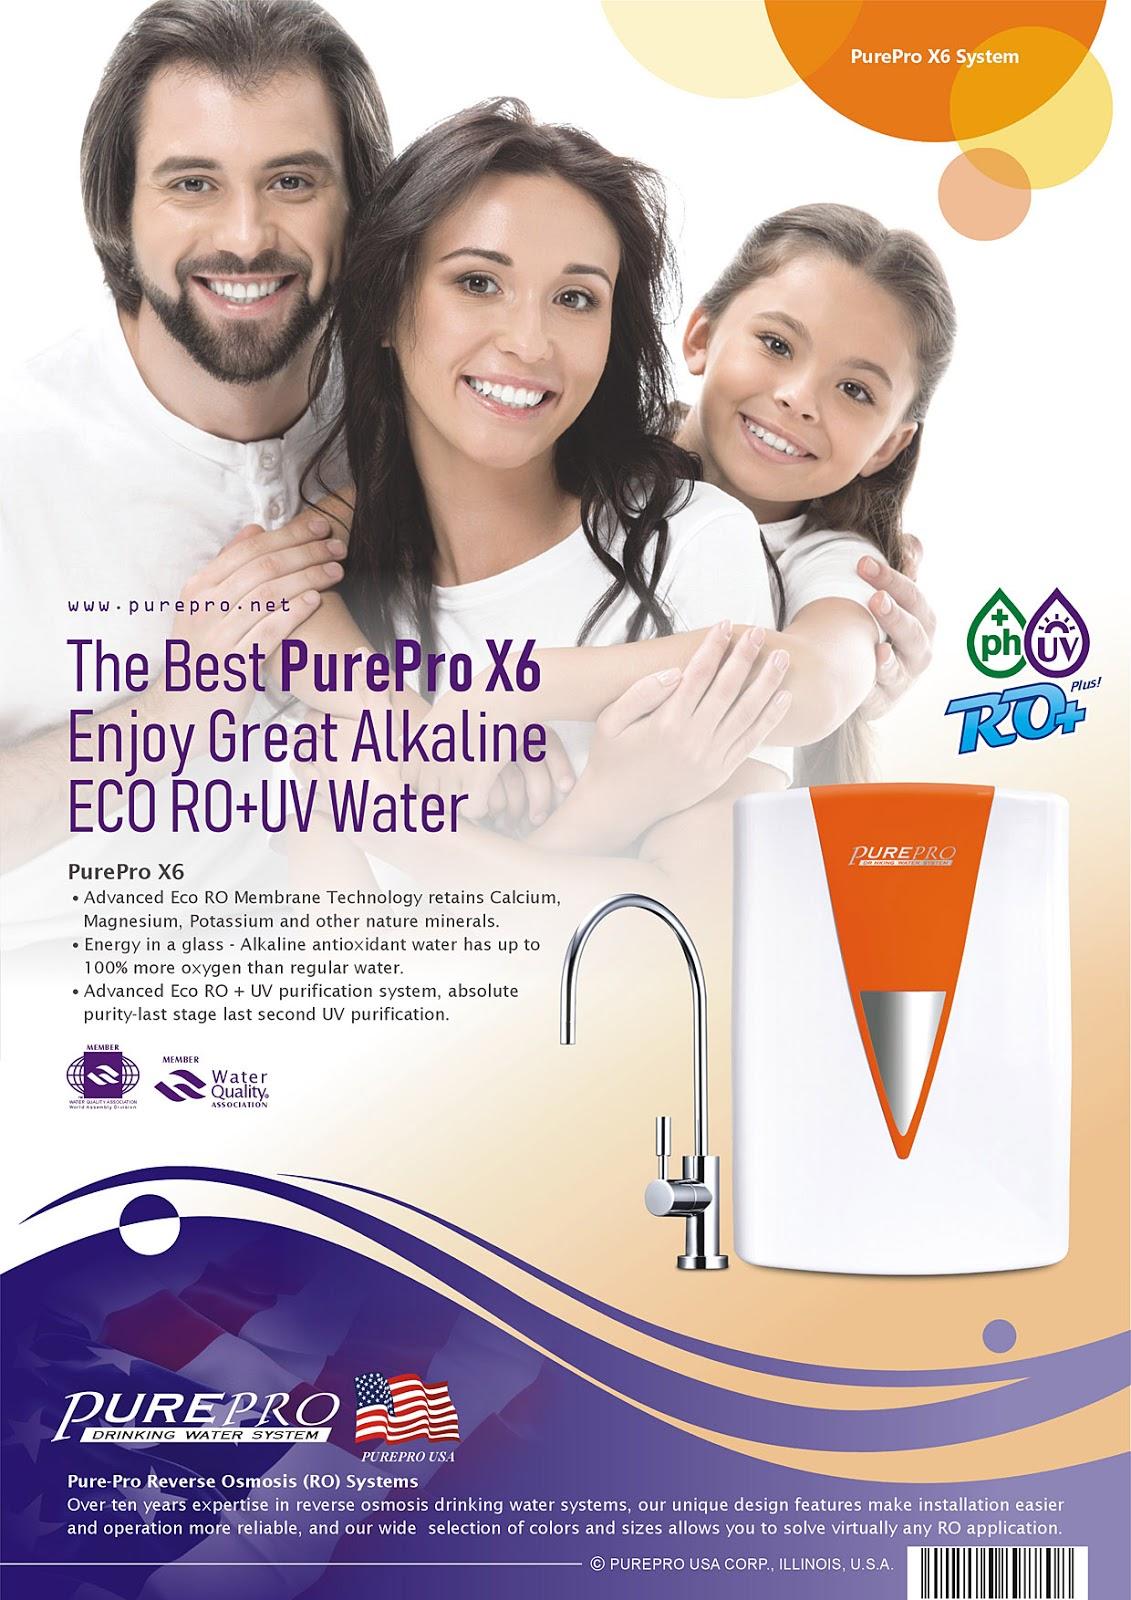 美國PurePro® X6 紫外線鹼性RO活水機 -年度最夯淨水器: 美國PurePro® X6 (愛馬仕橘)